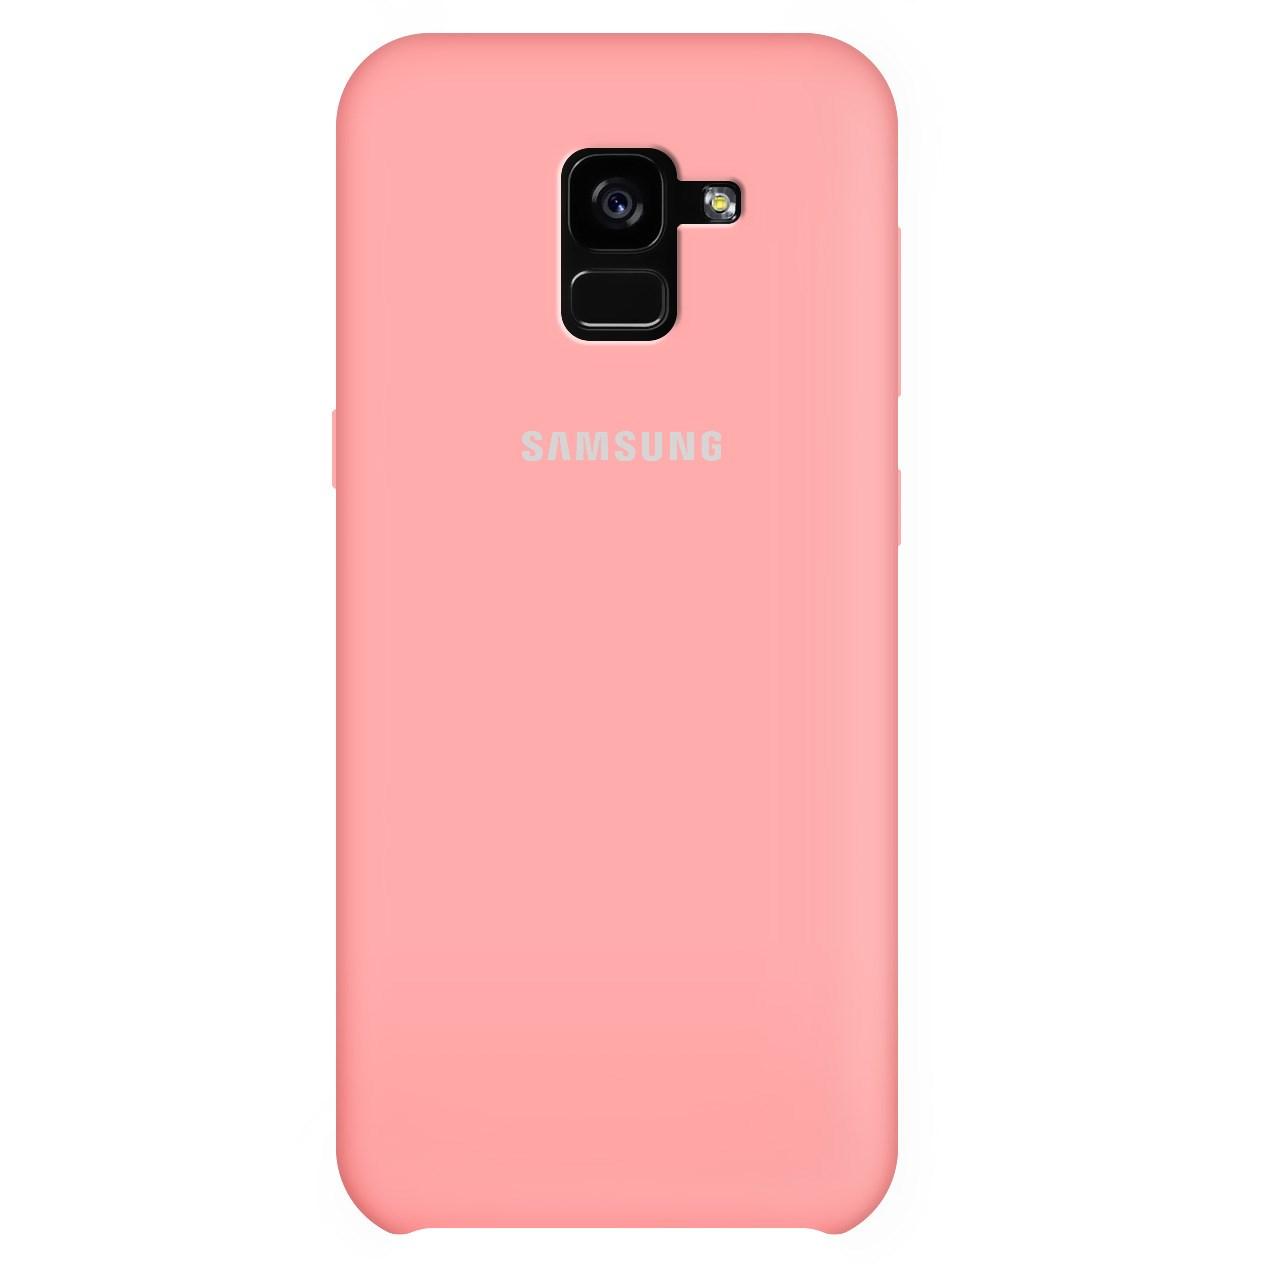 کاور سیلیکونی مناسب برای گوشی موبایل سامسونگ Galaxy A8 Plus 2018